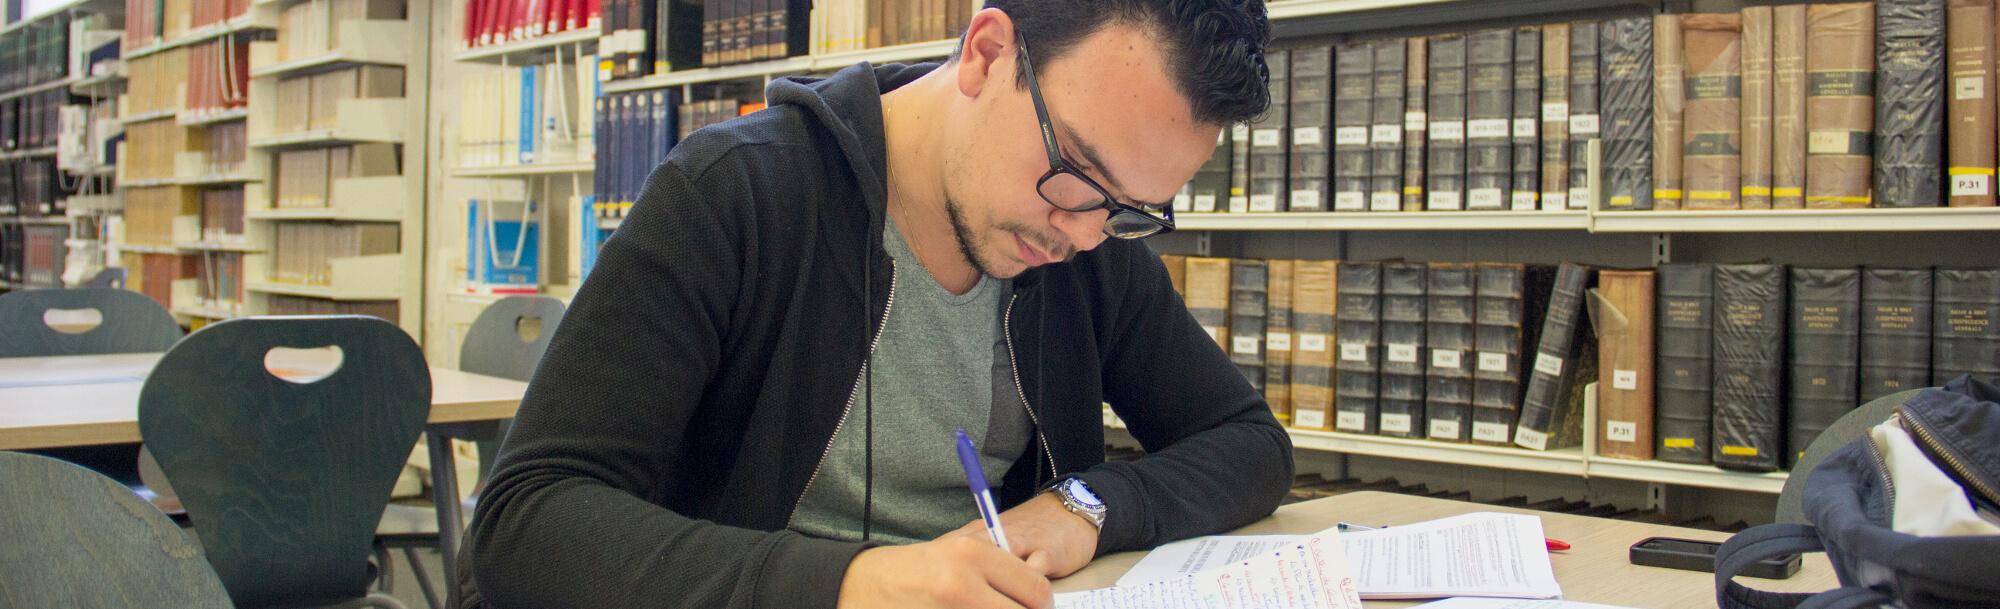 lycéen-etudiant-page